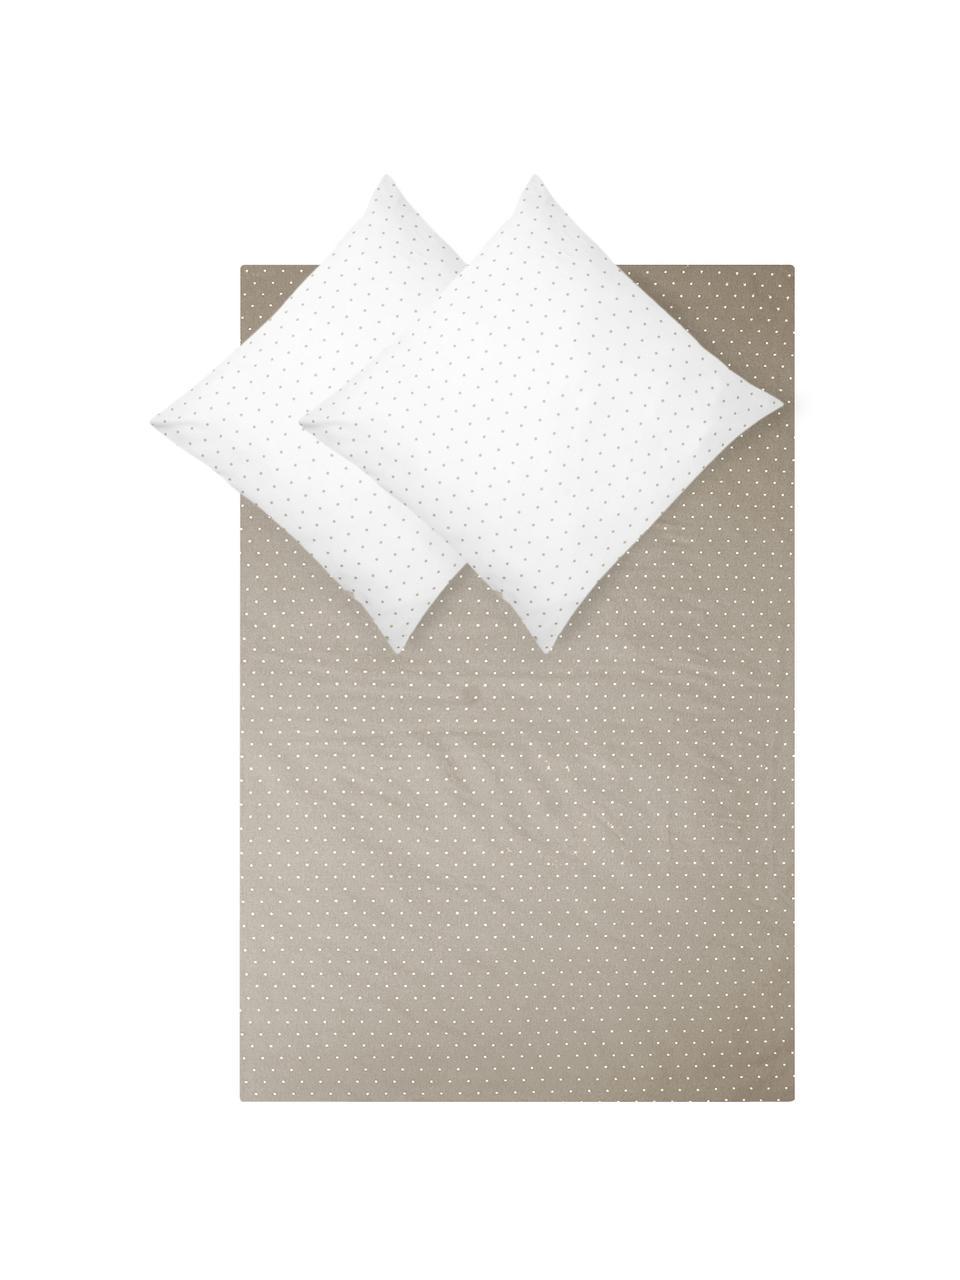 Flanell-Wendebettwäsche Betty, gepunktet, Webart: Flanell Flanell ist ein k, Beige, Weiß, 135 x 200 cm + 1 Kissen 80 x 80 cm